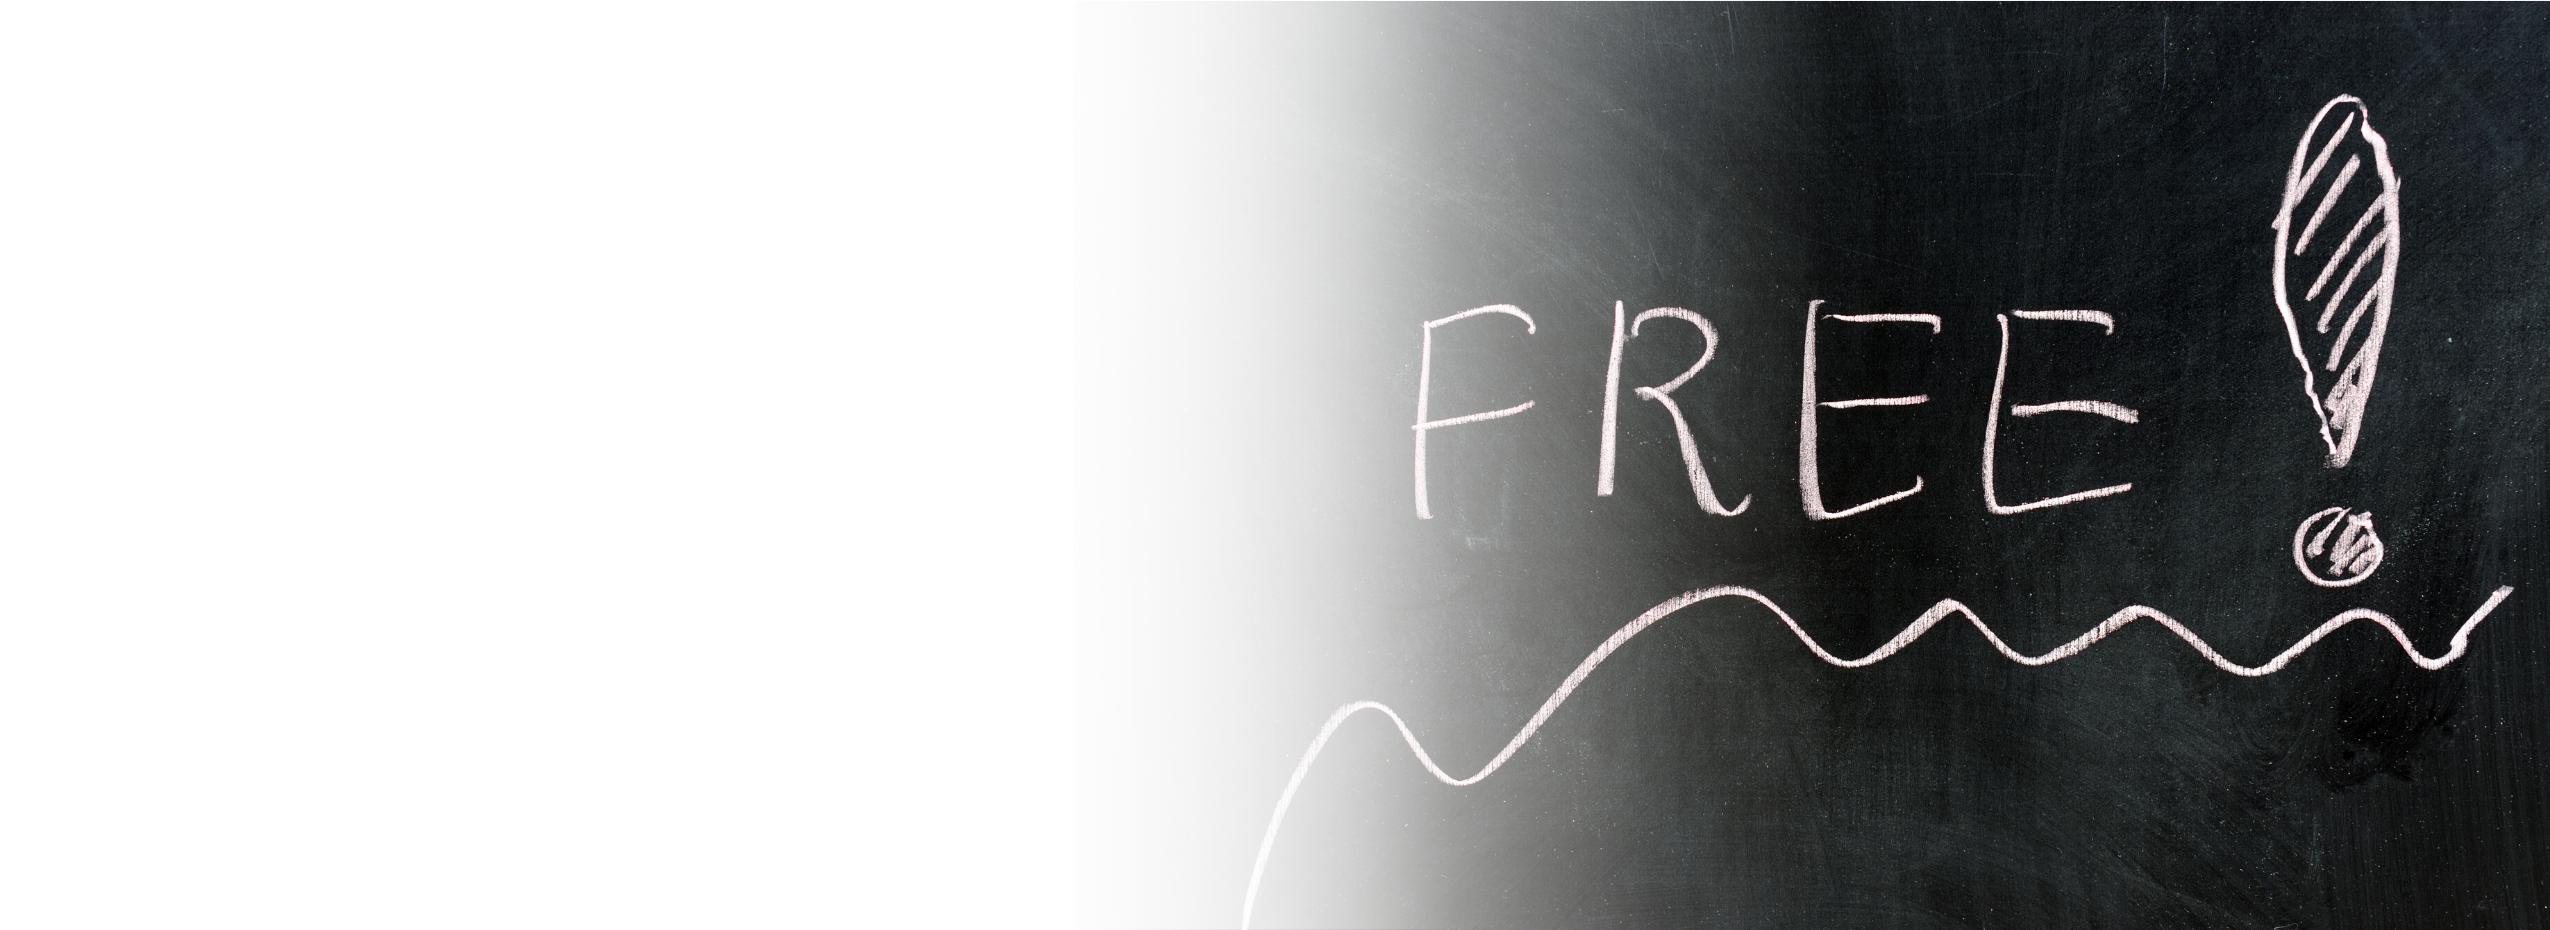 Covid-19: Perché non dovresti offrire servizi gratuiti